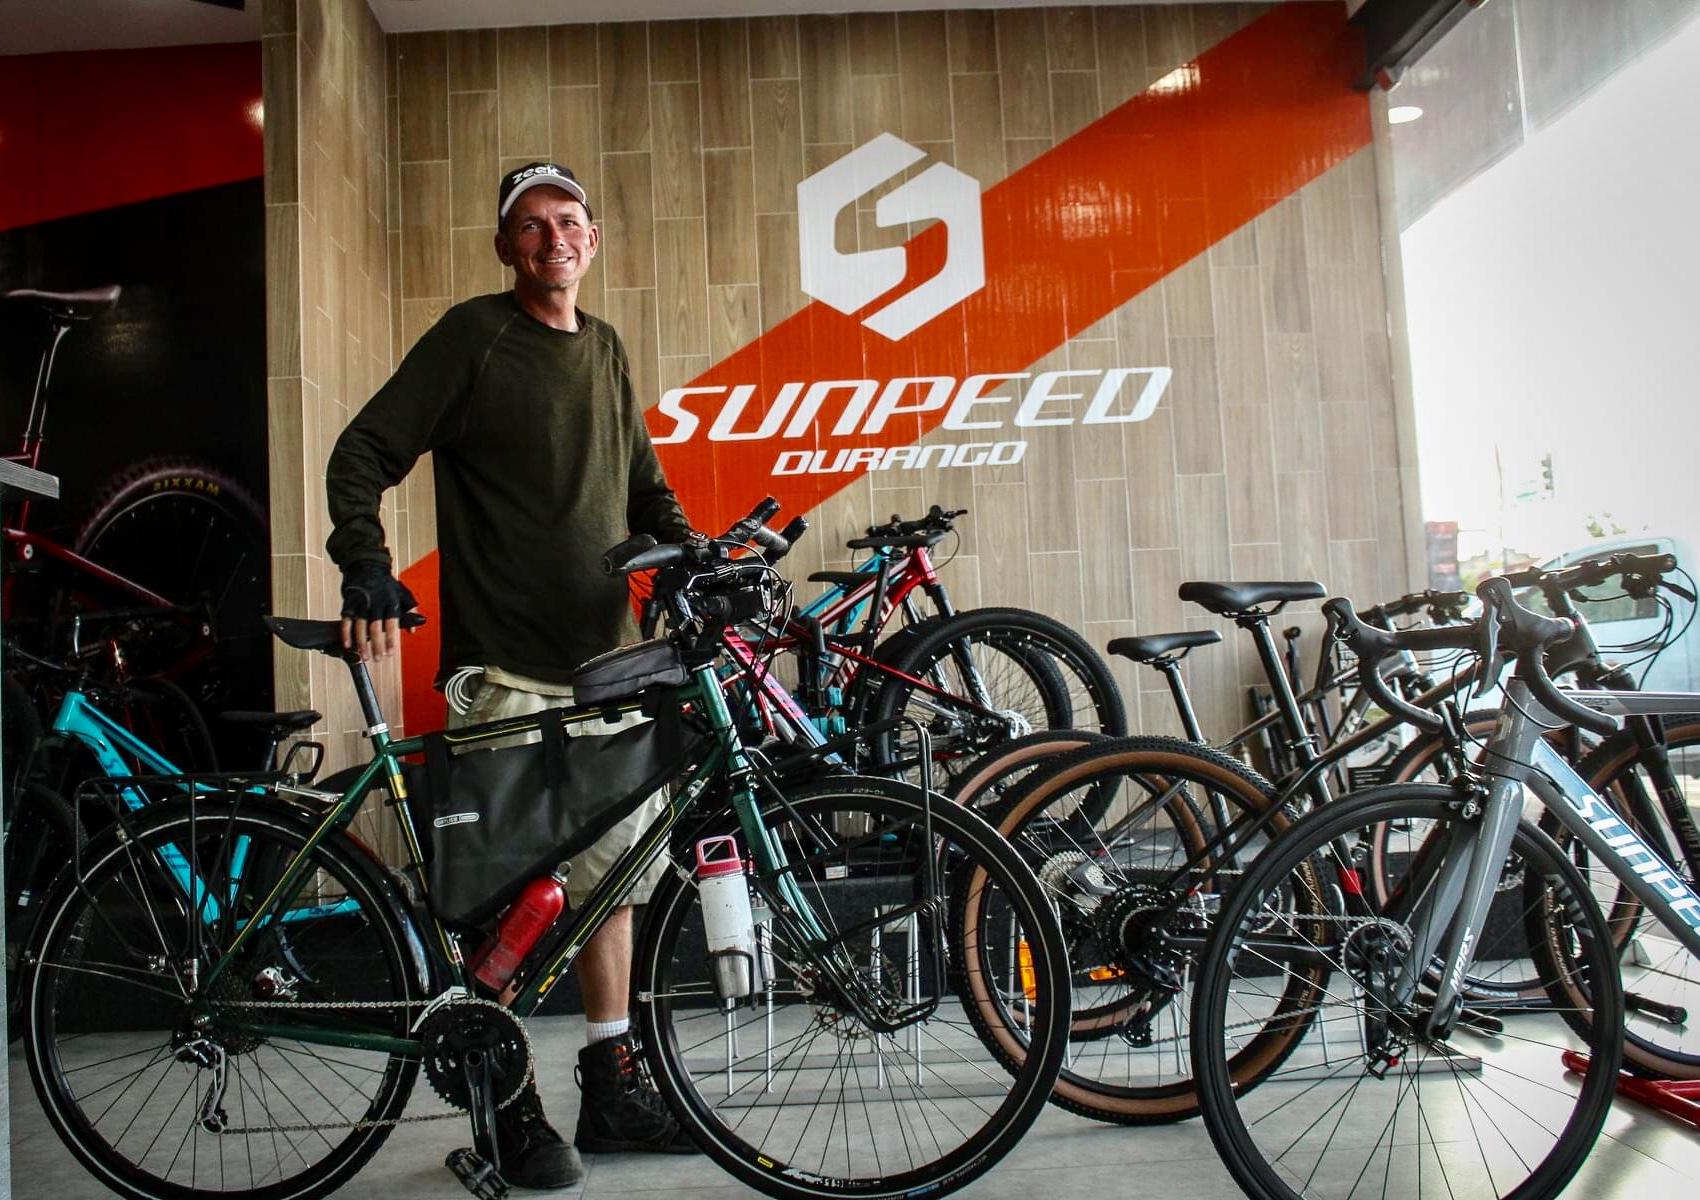 Sunpeed Bikes